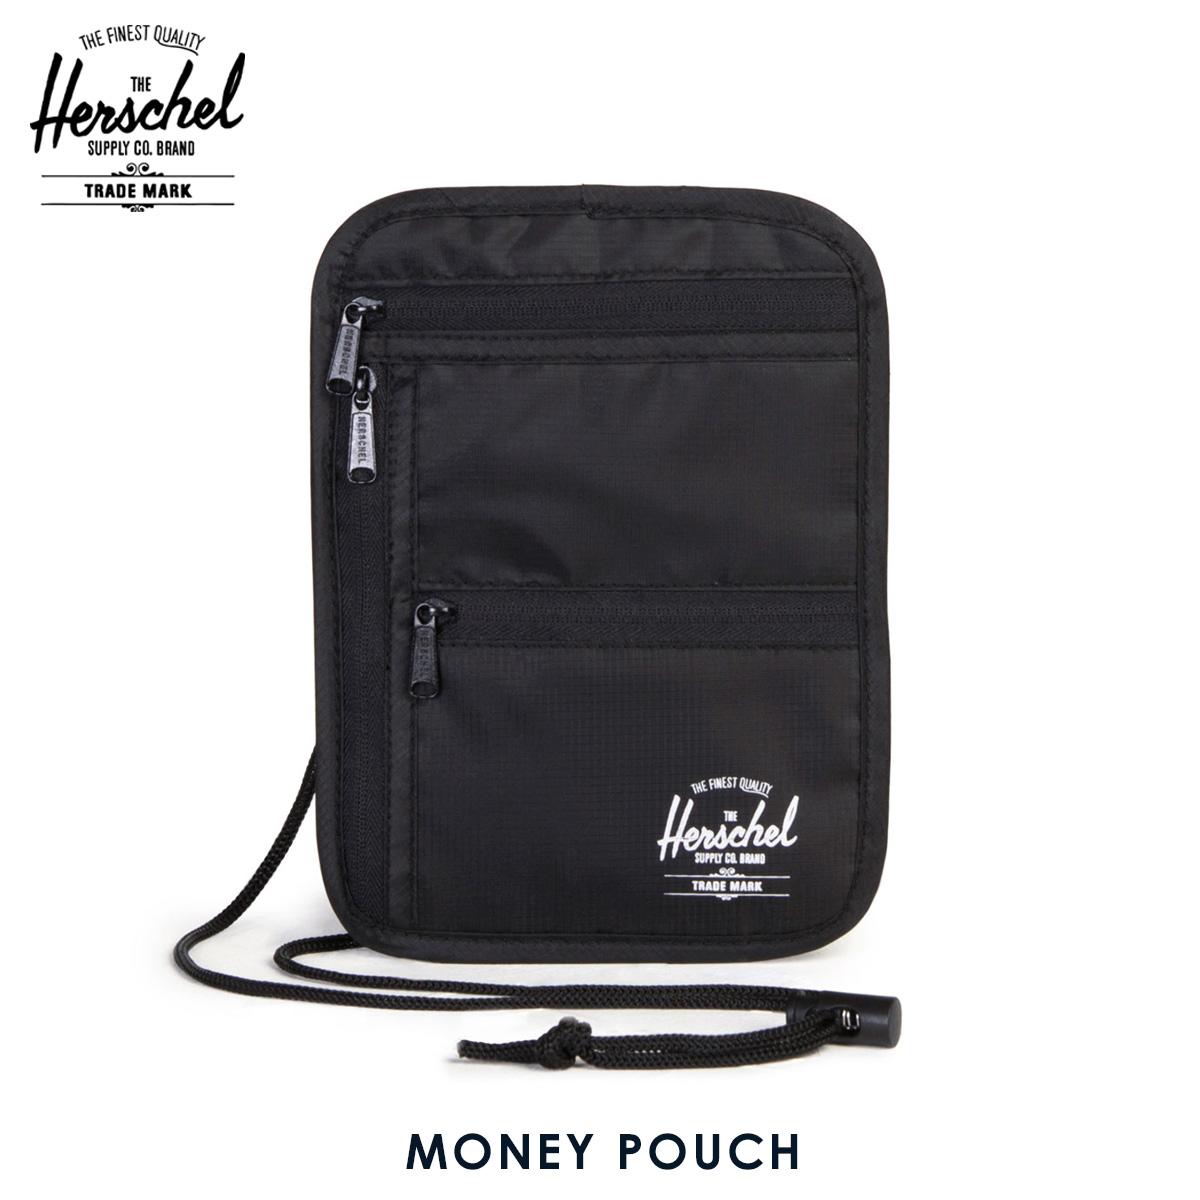 b4191e6b4f Hershel supply Herschel Supply regular store porch bag MONEY POUCH  10531-00001-OS BLACK ...